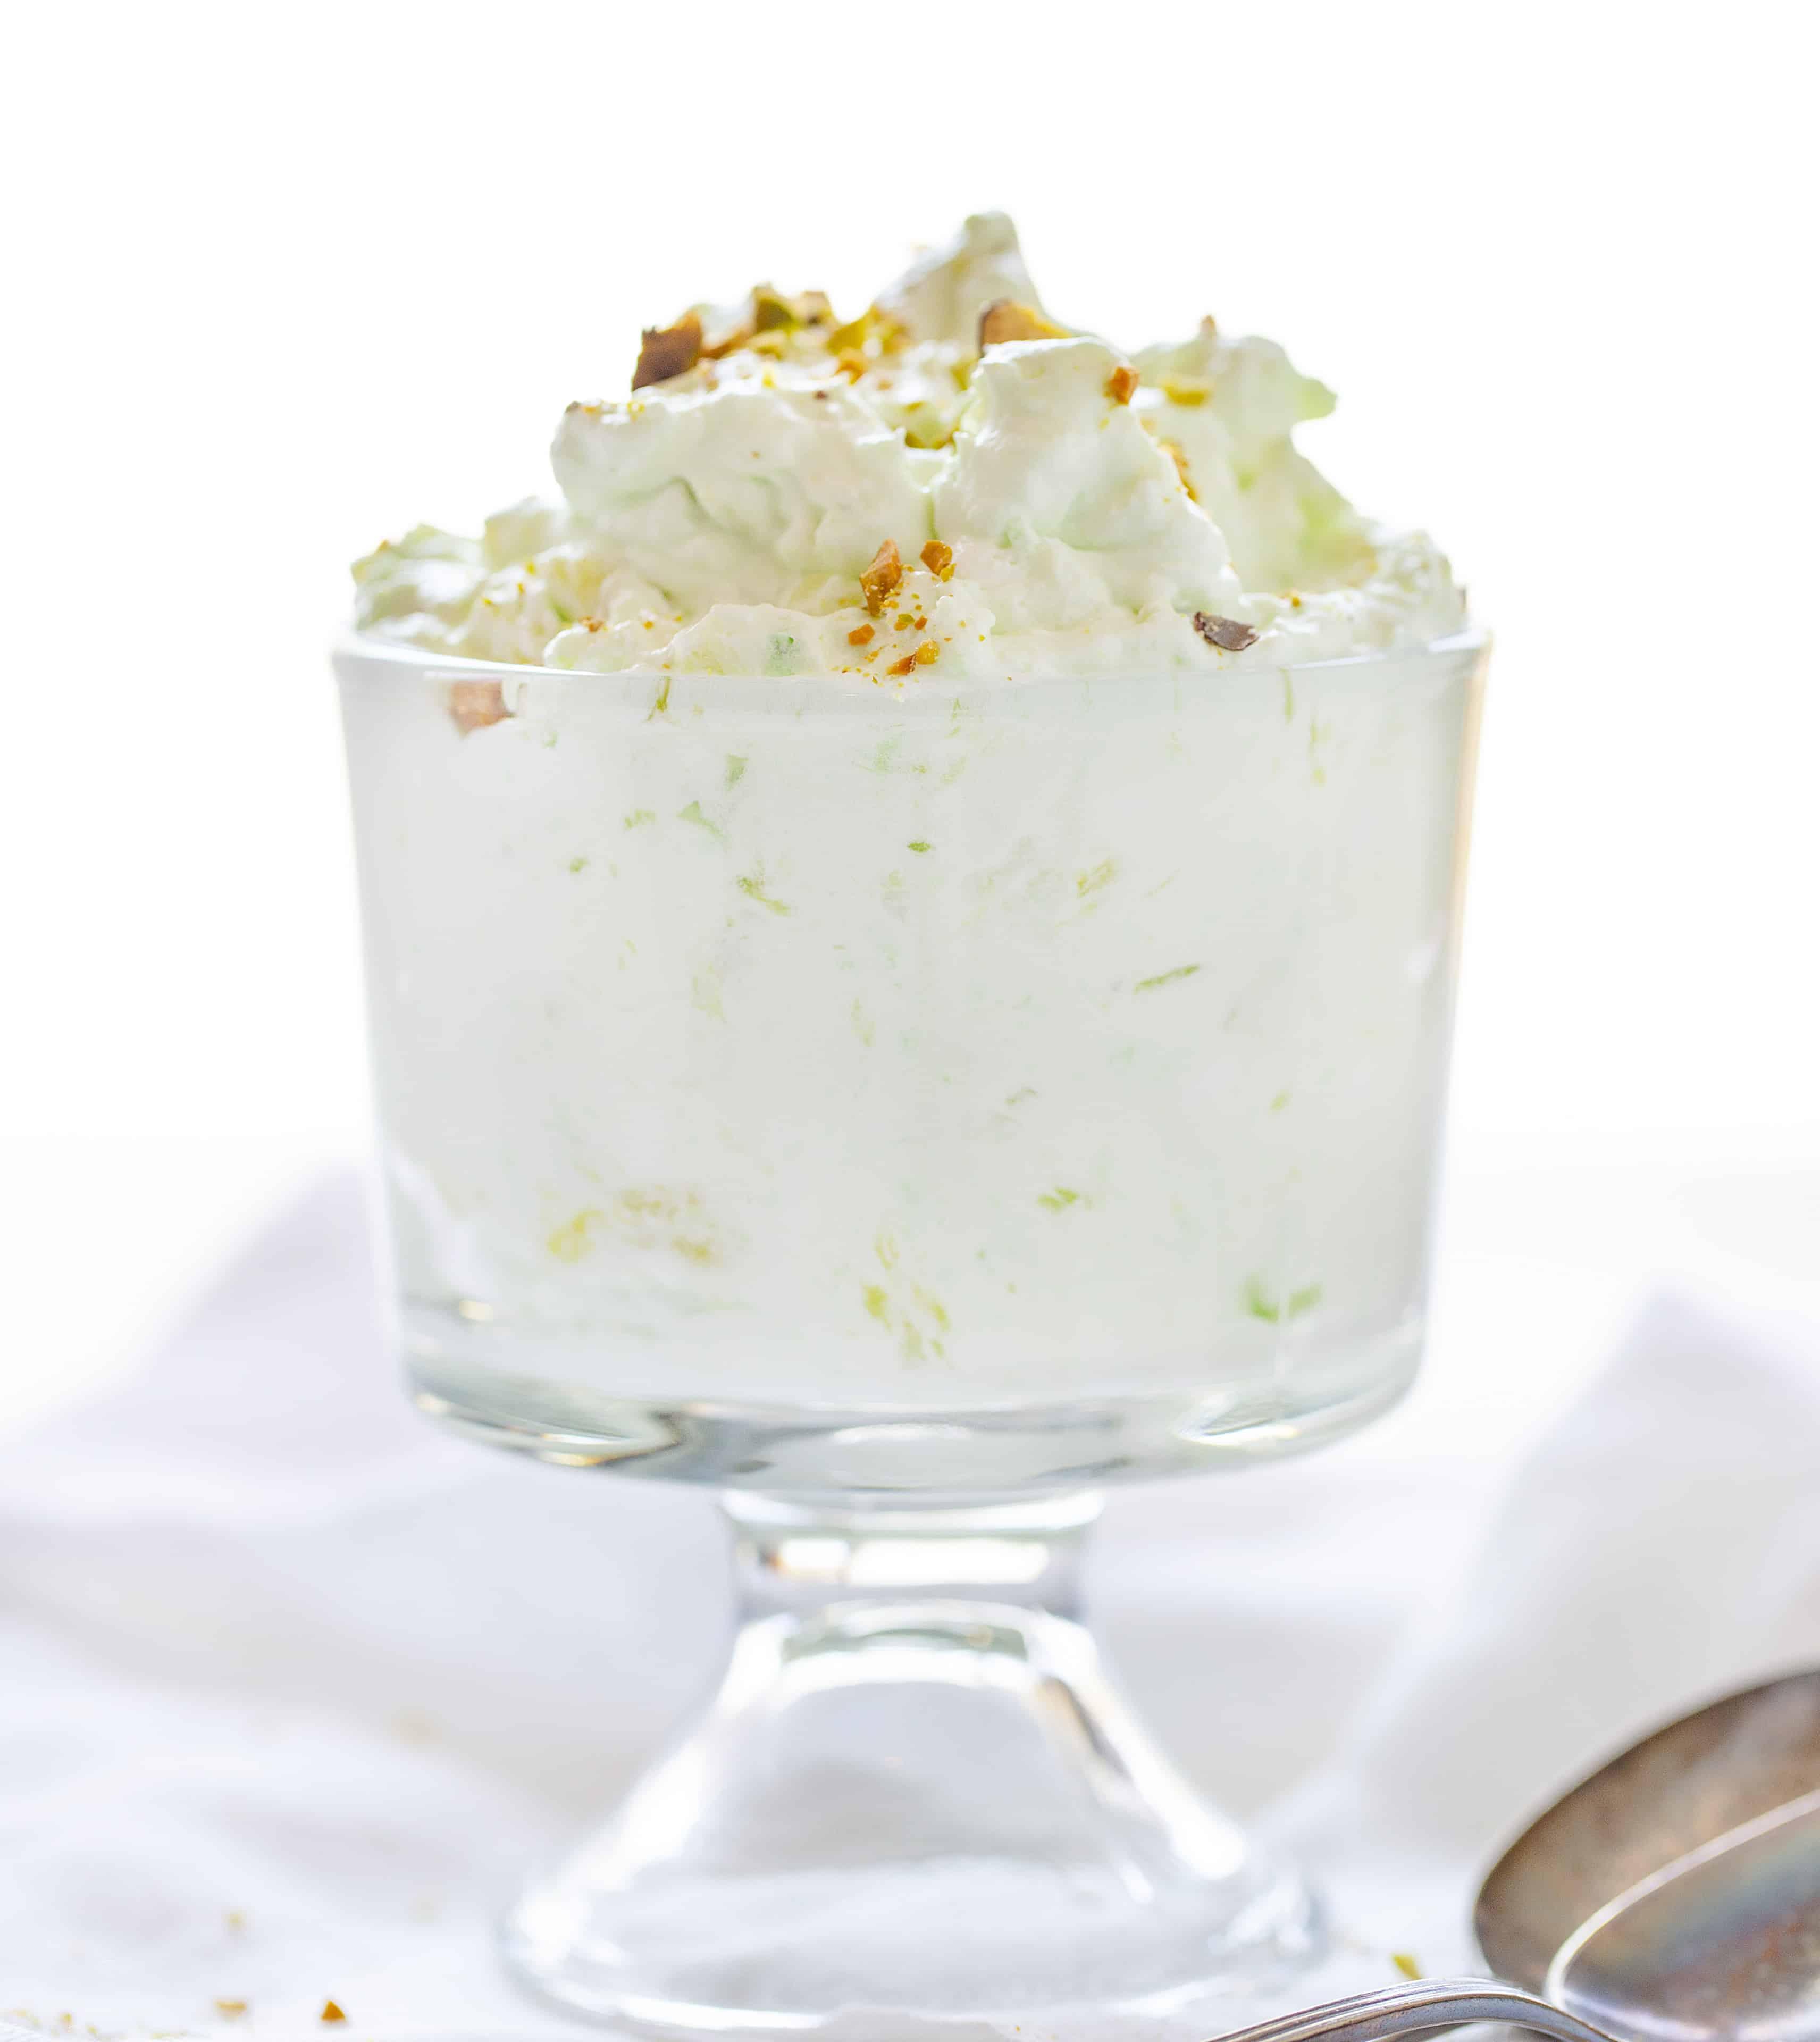 Pistachio Fluff Recipe